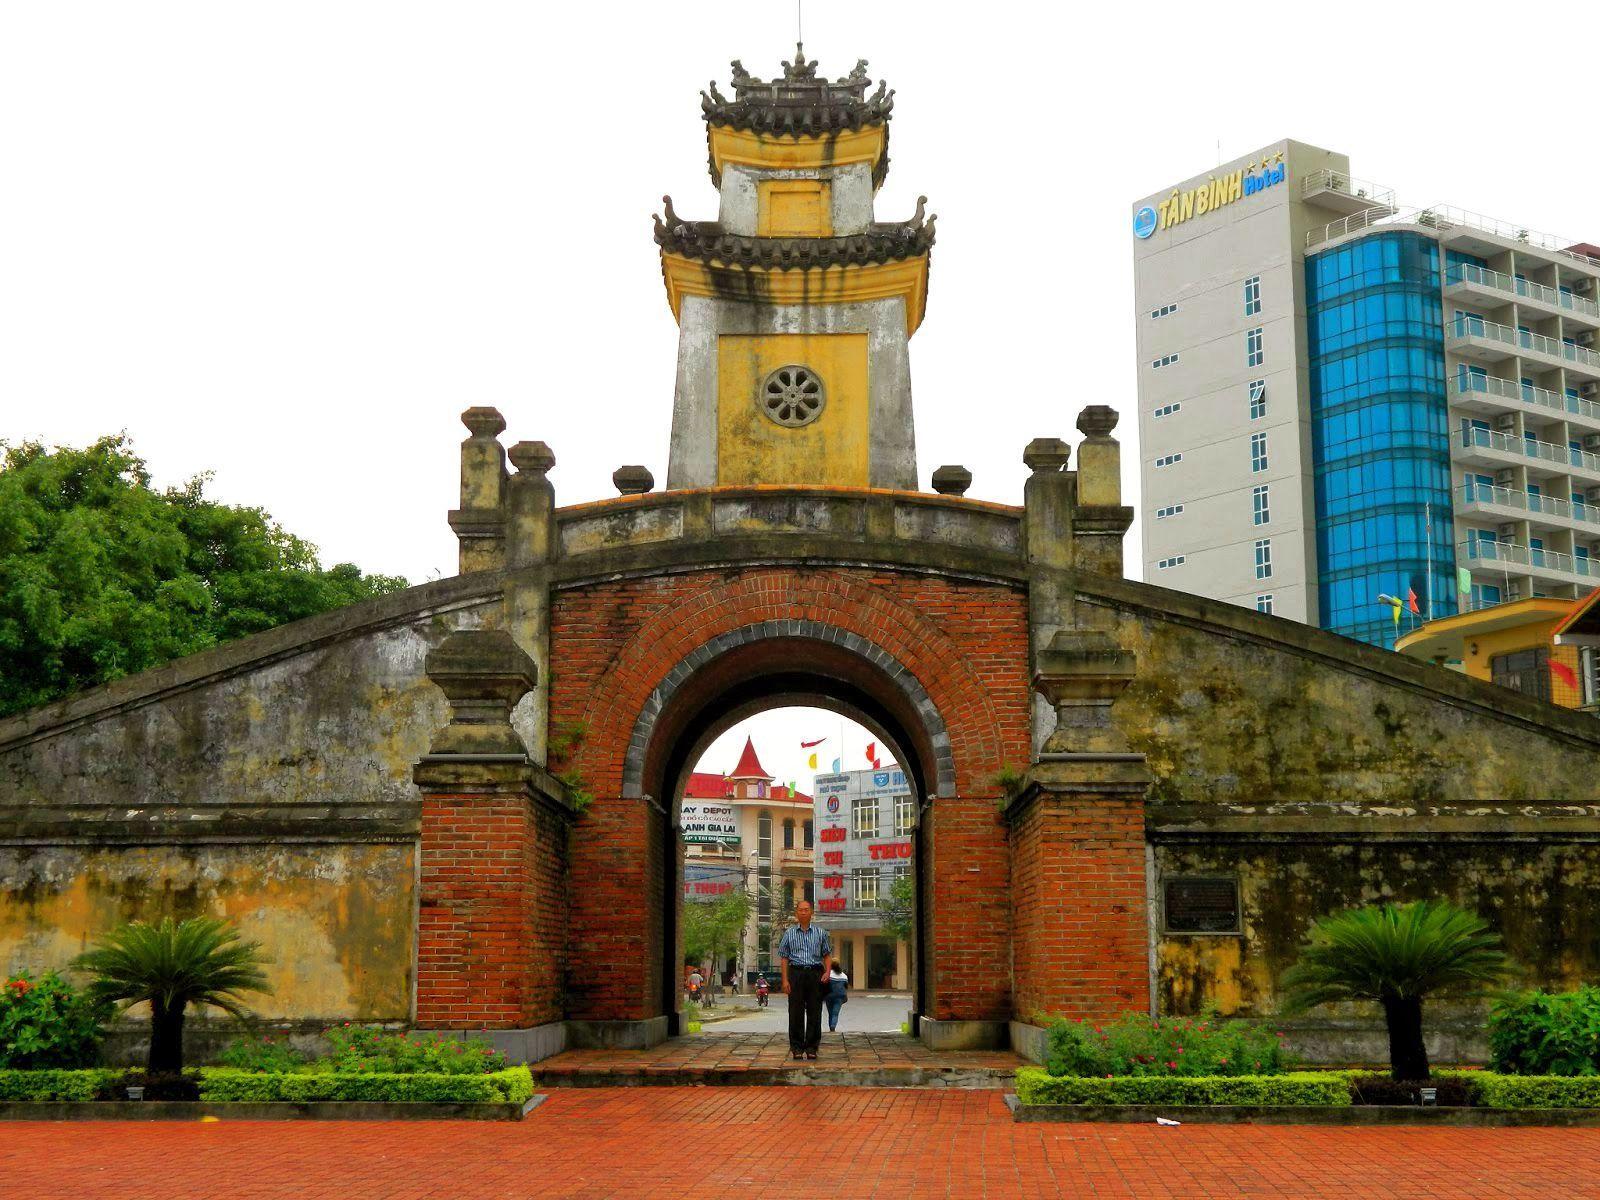 Điểm đến đầu tiên khi đi du lịch Quảng Bình nên đi Quảng Bình Quan